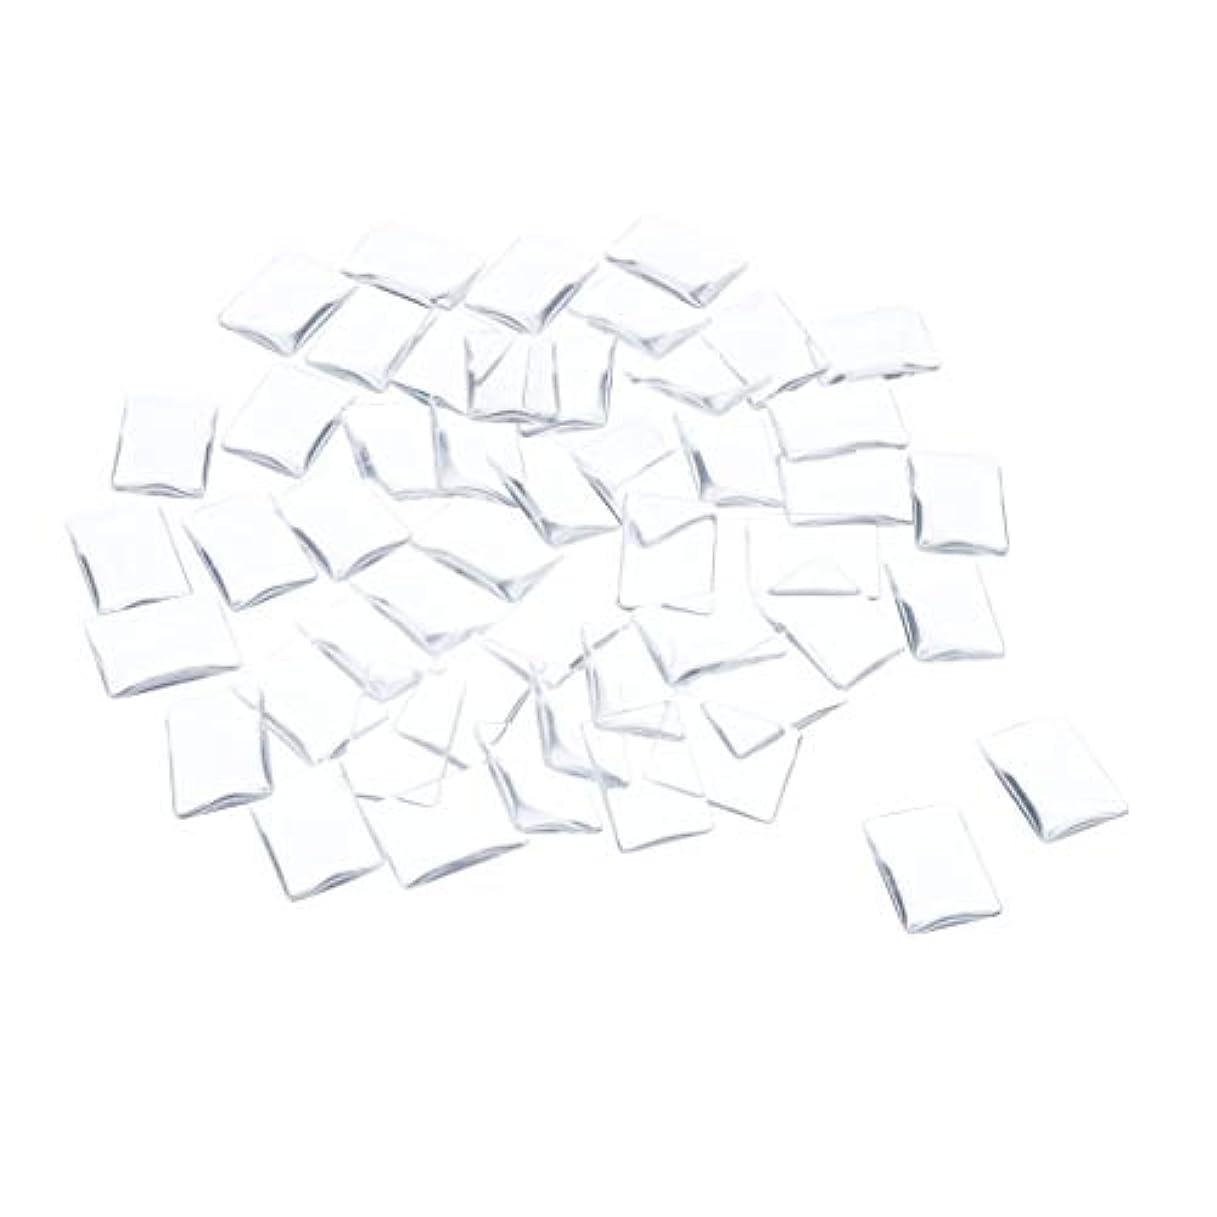 追い越す動力学切り離すSM SunniMix ネイルチップ クリア スクエア ネイルポリッシュアート カラー ディスプレイ カード チャート 全7種 - 矩形